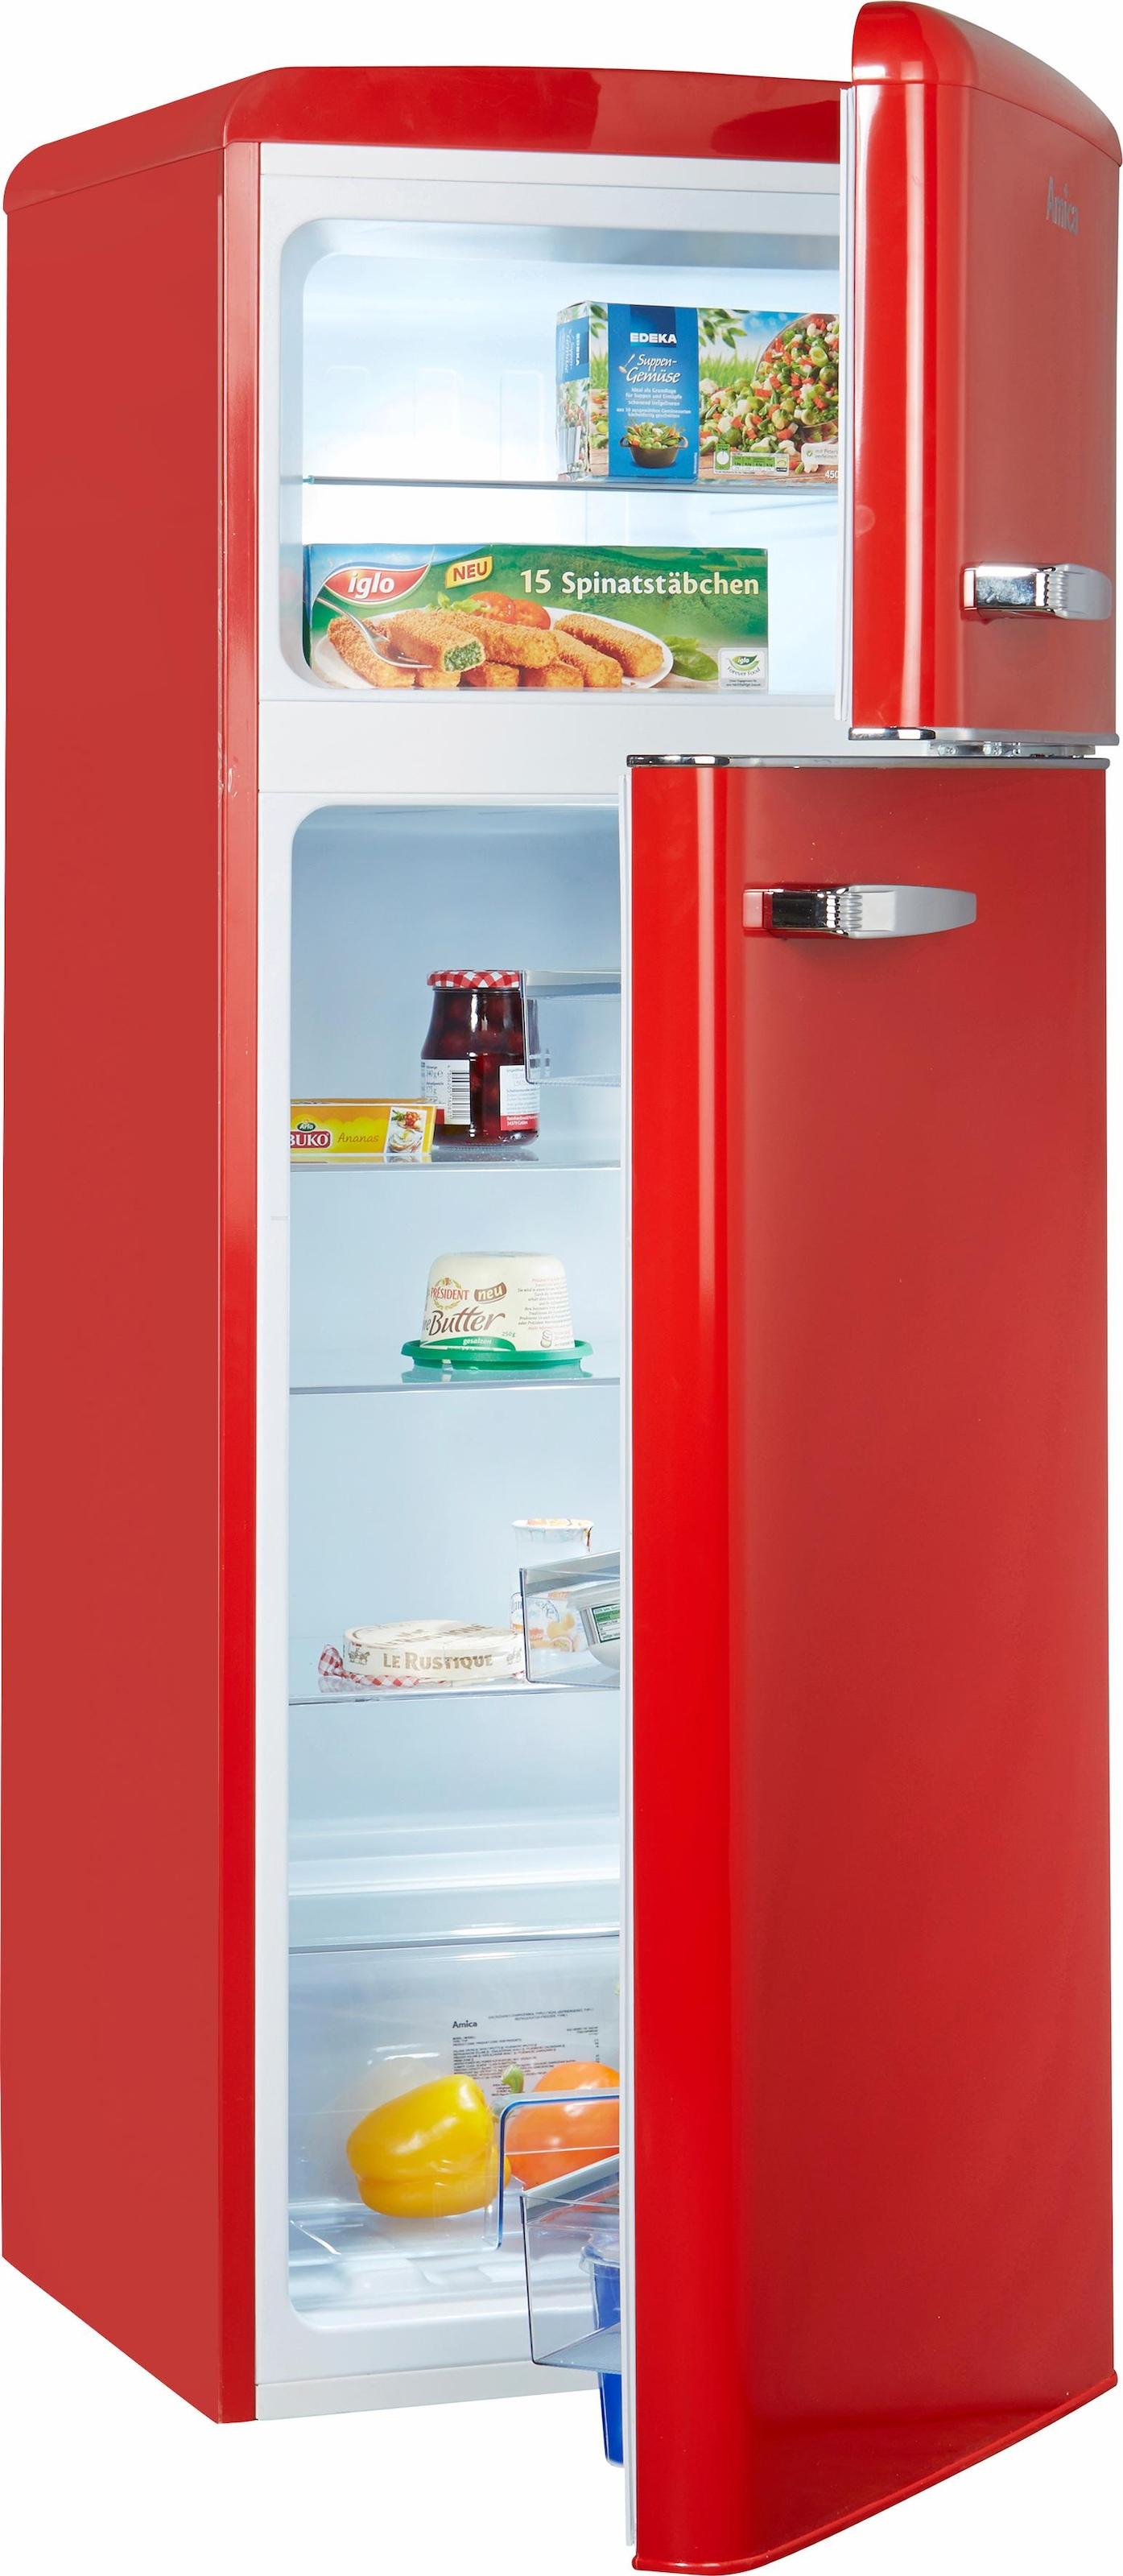 Bomann Kühlschrank Kombi : Kühl gefrierkombination online auf rechnung raten bestellen